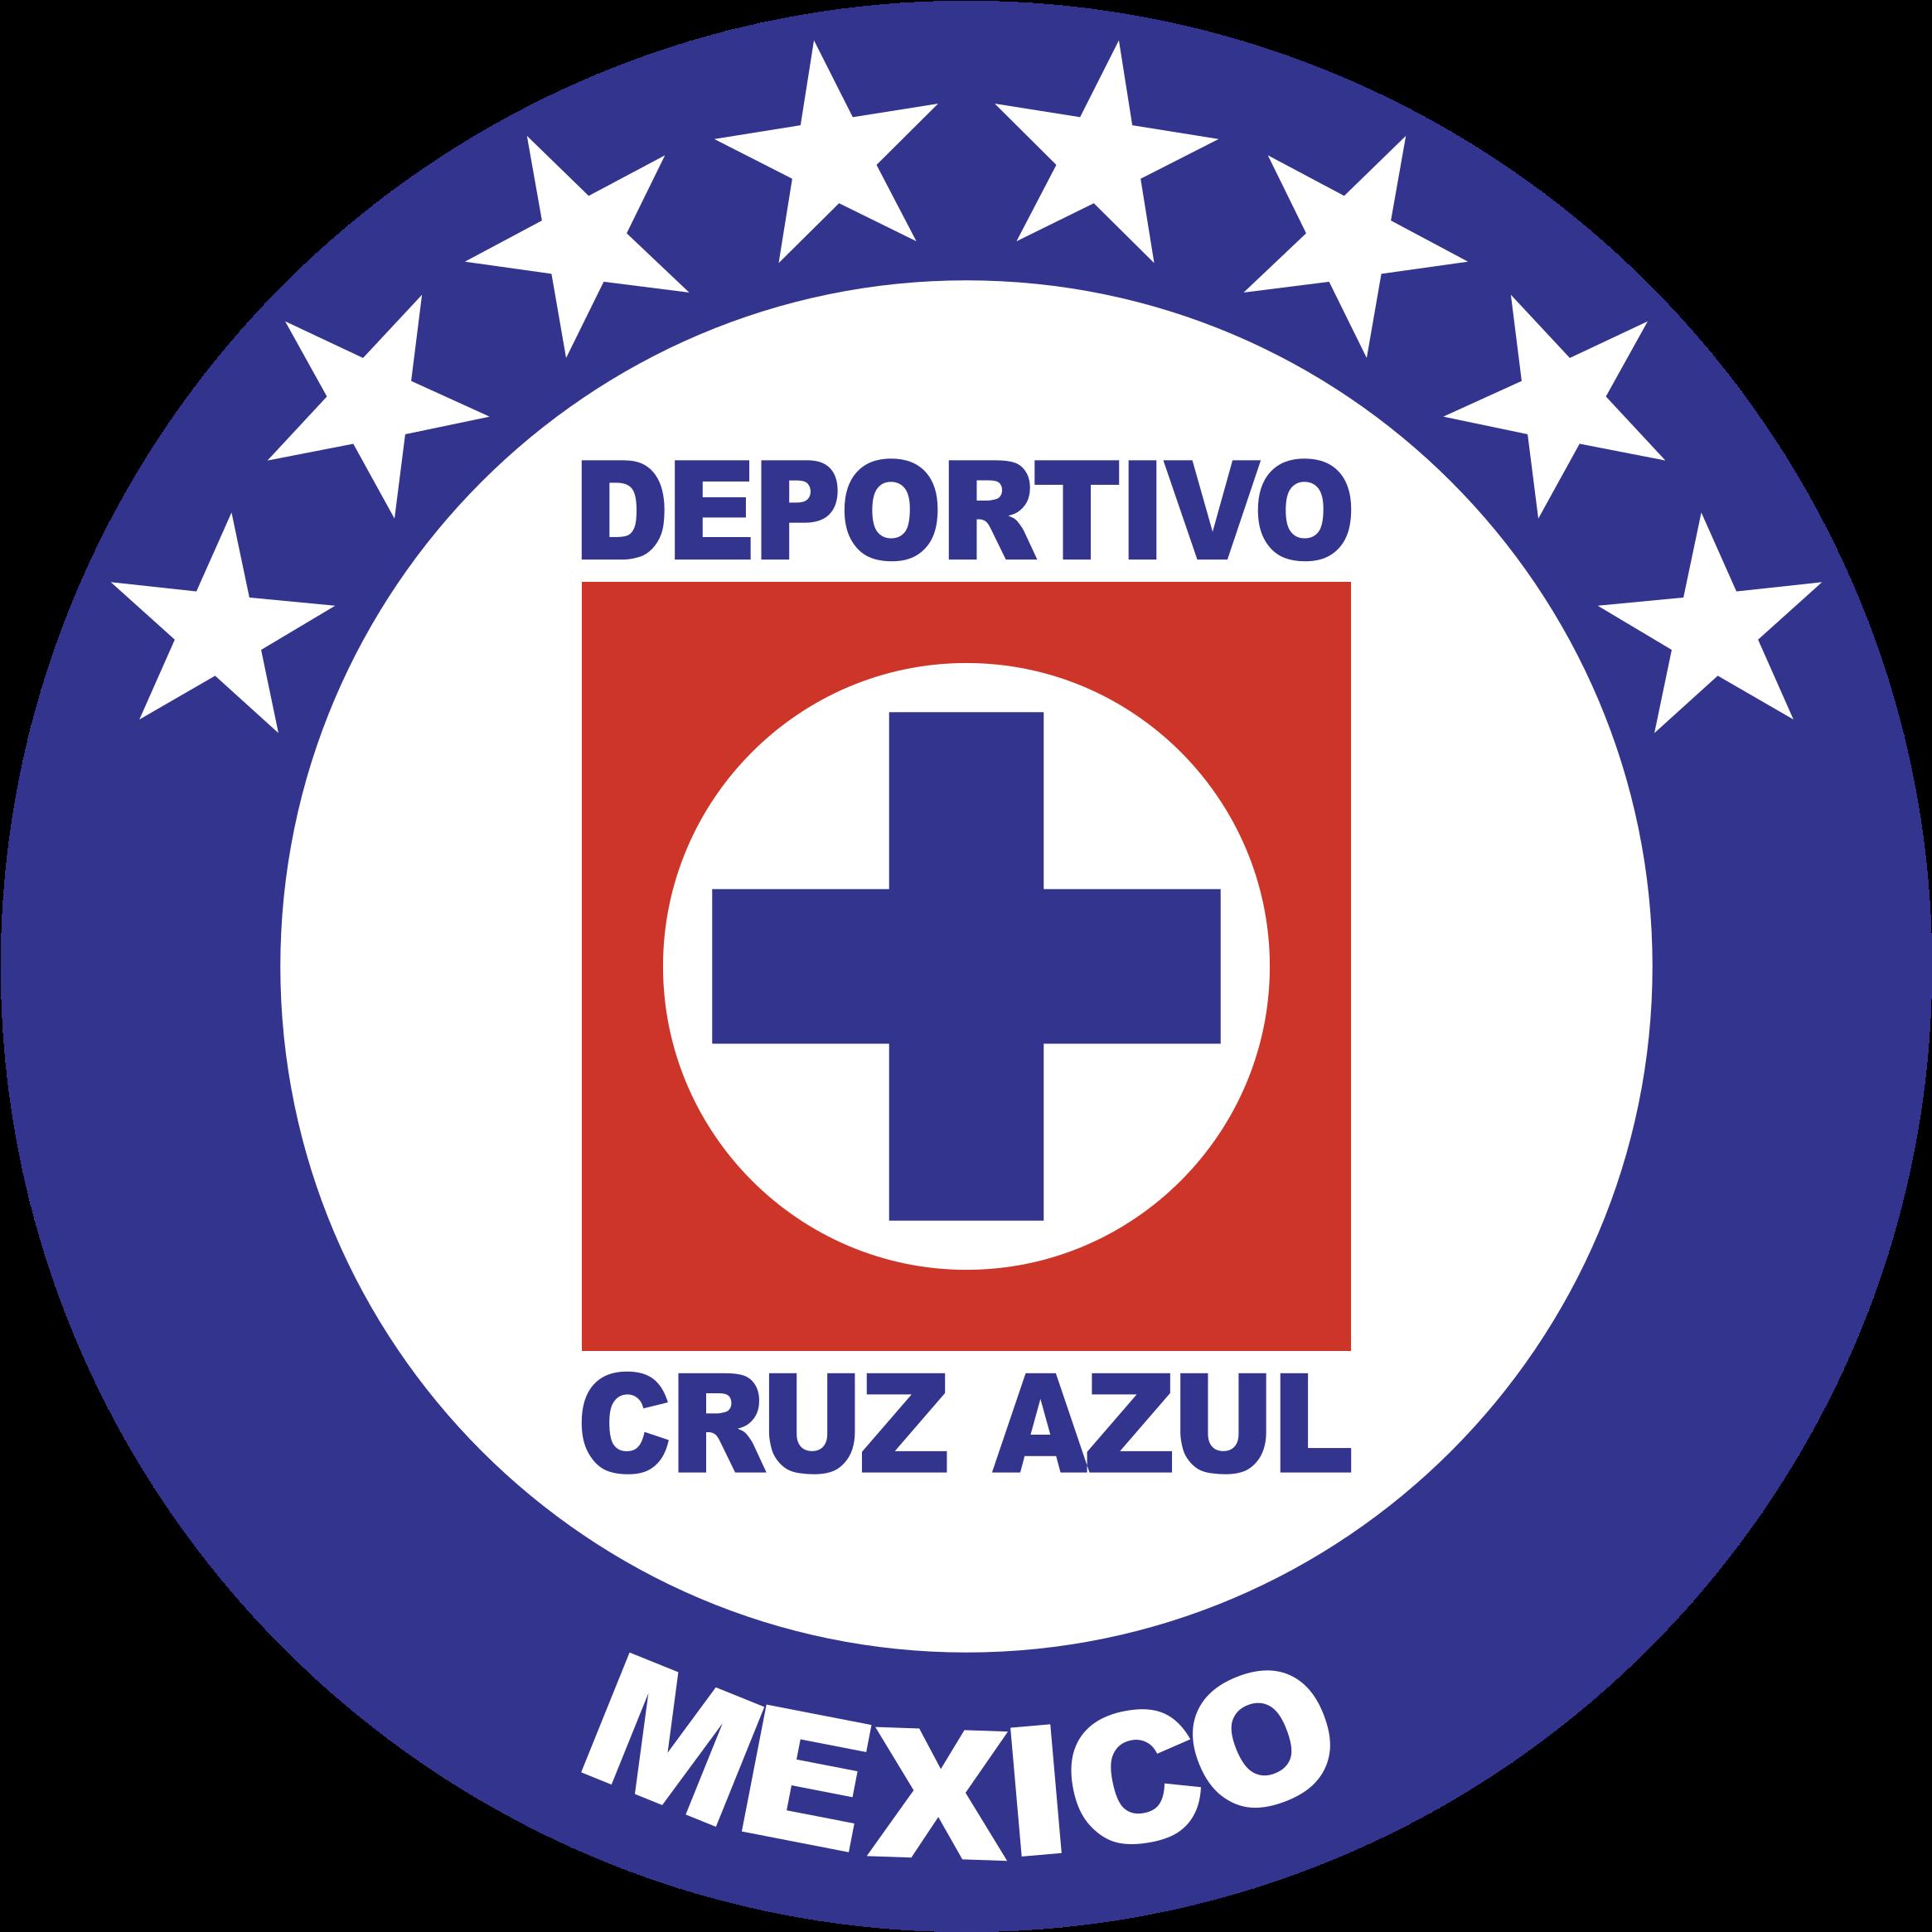 Cruz Azul 7935 Logo Png Transparent - Soccer Cruz Azul Logo (2400x2400), Png Download